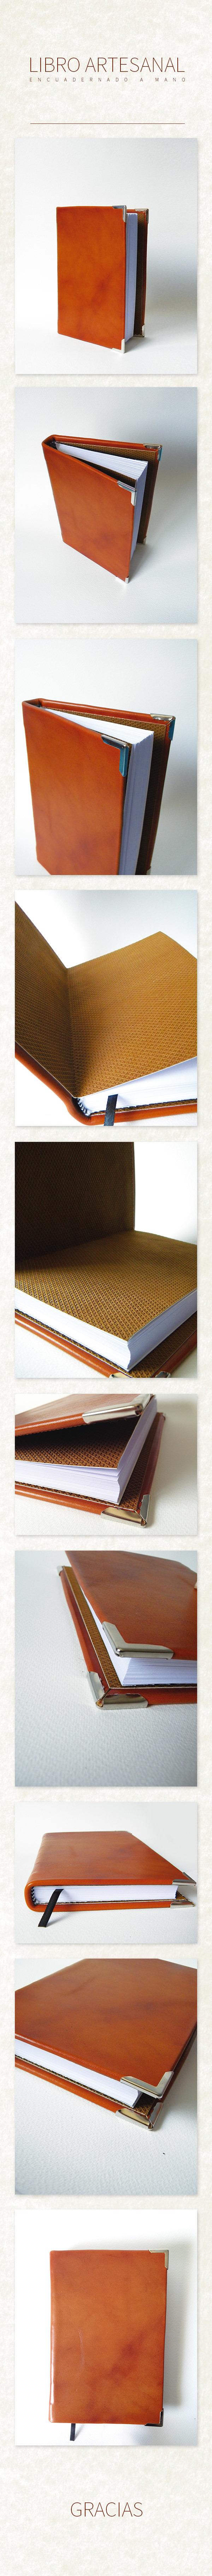 Contoh Buku Agenda Desain Cantik untuk Corporate - Desain-Buku-Agenda-Libro-artesanal-1